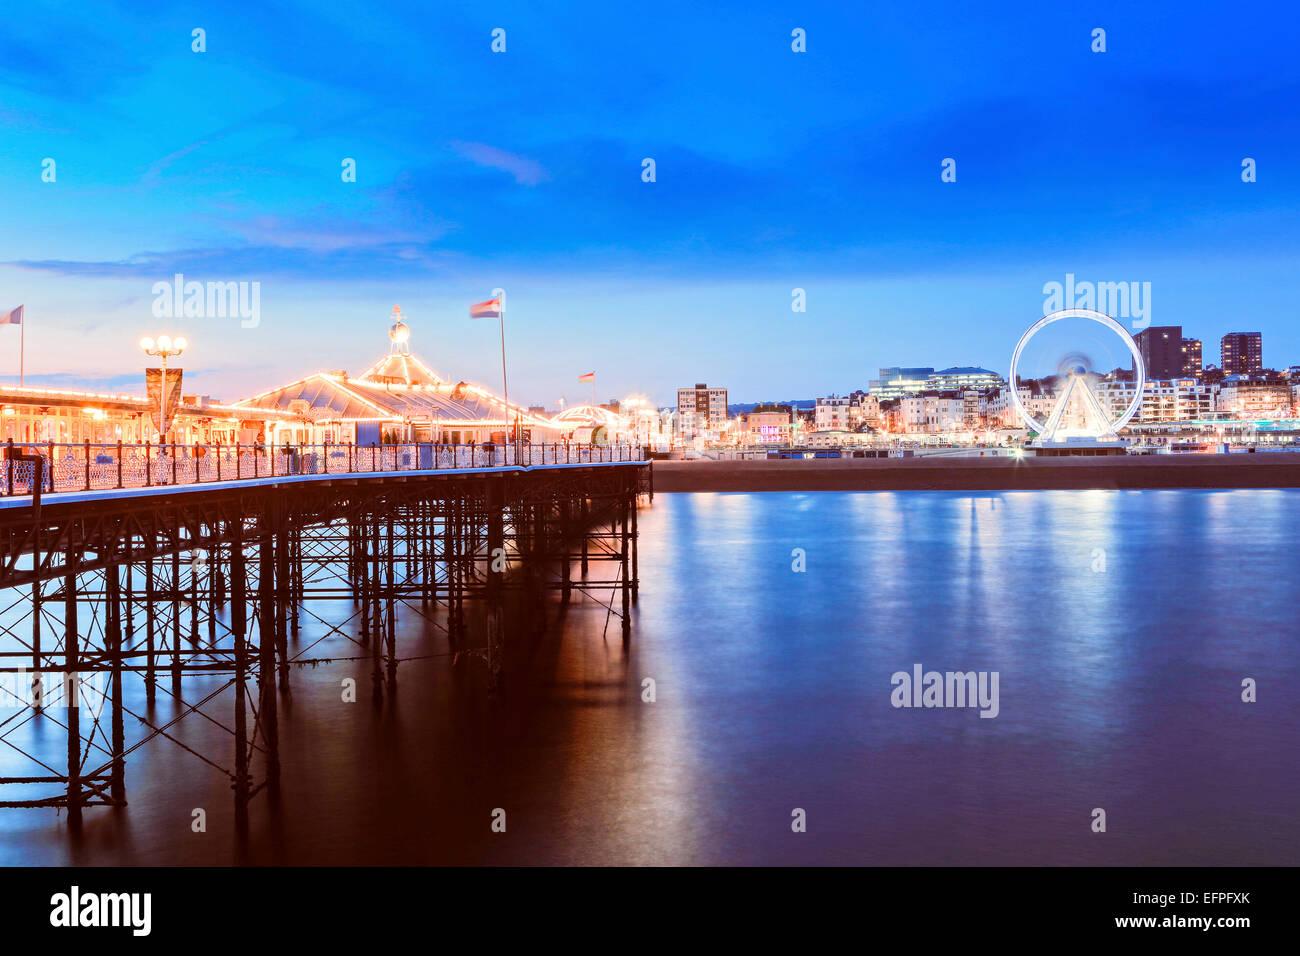 Le Palace Pier (jetée) au crépuscule, Brighton, East Sussex, Angleterre, Royaume-Uni, Europe Banque D'Images